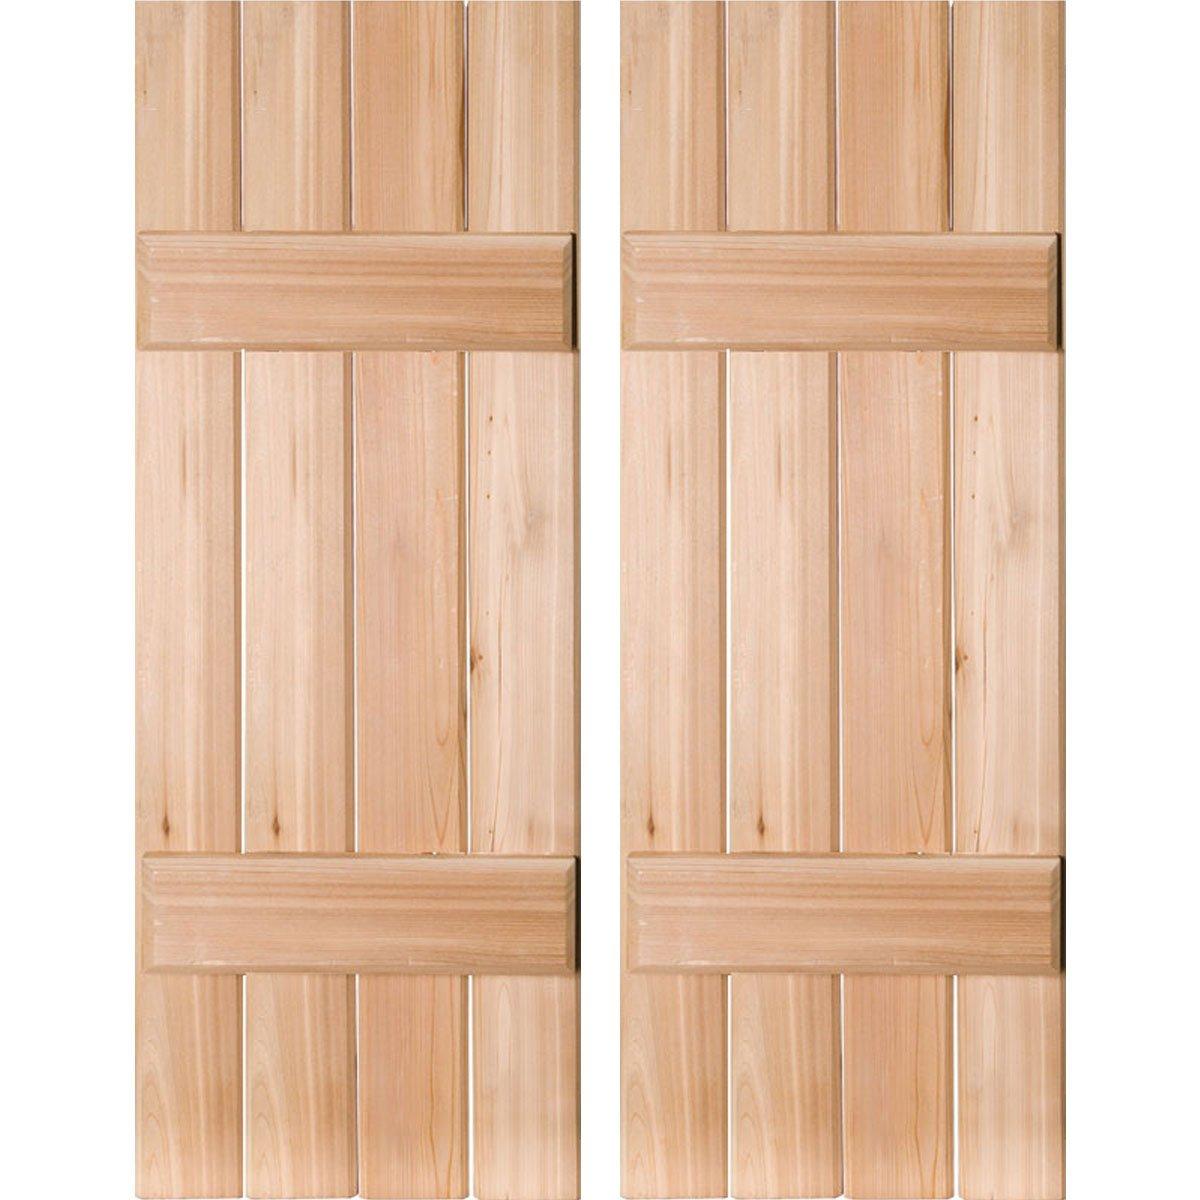 Ekena Millwork RWB15X038UNP Exterior Four Board